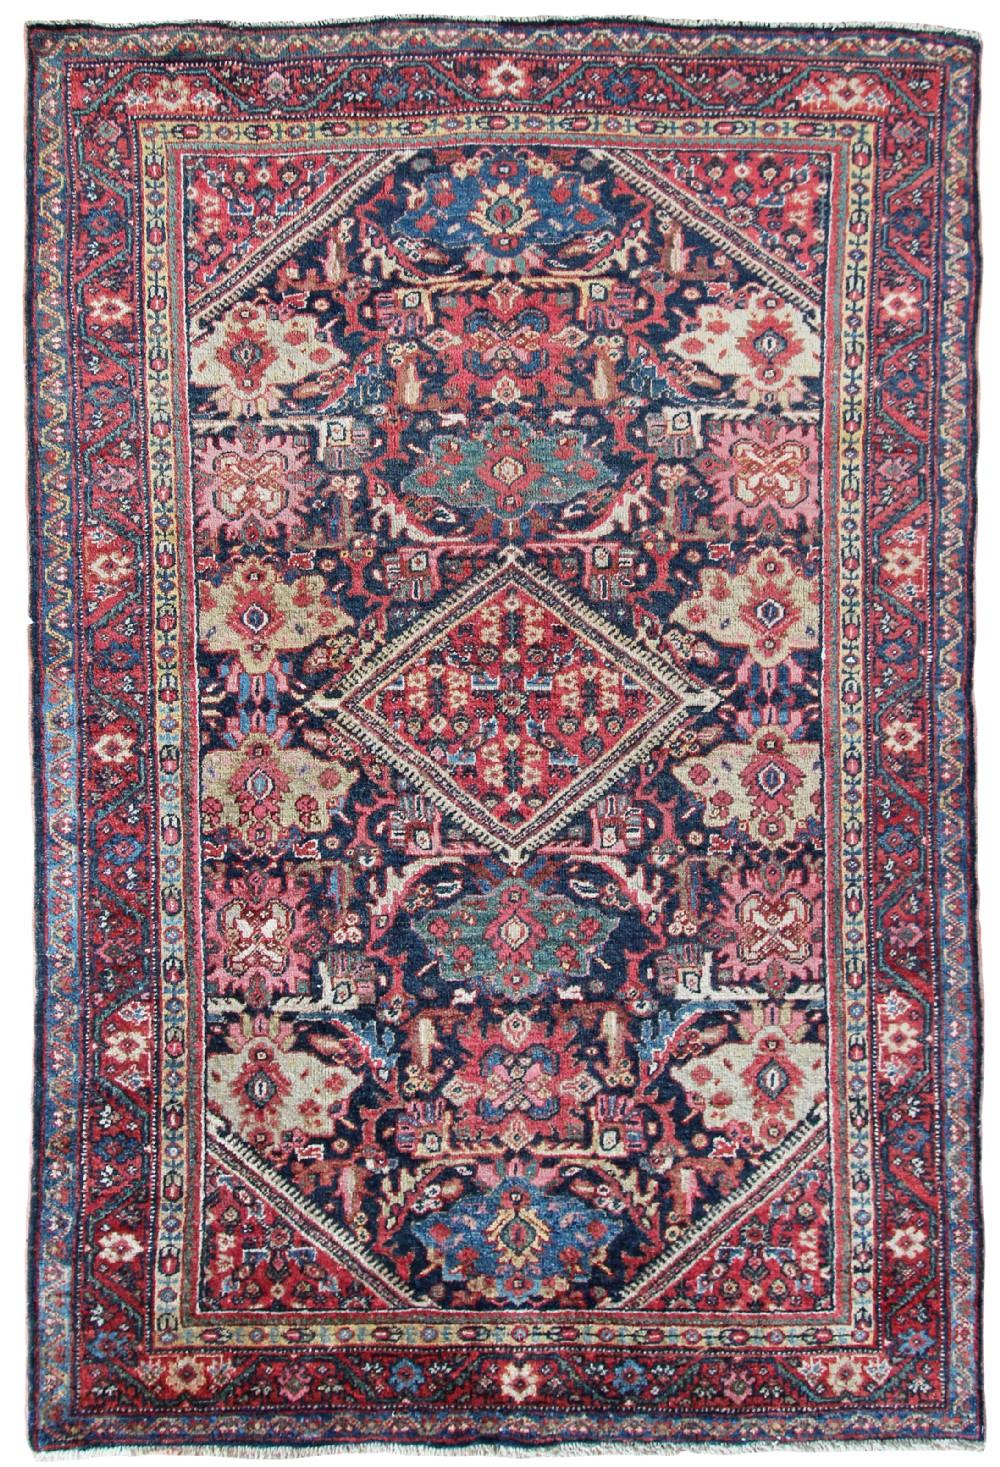 antique mahal rug persian circa 1910